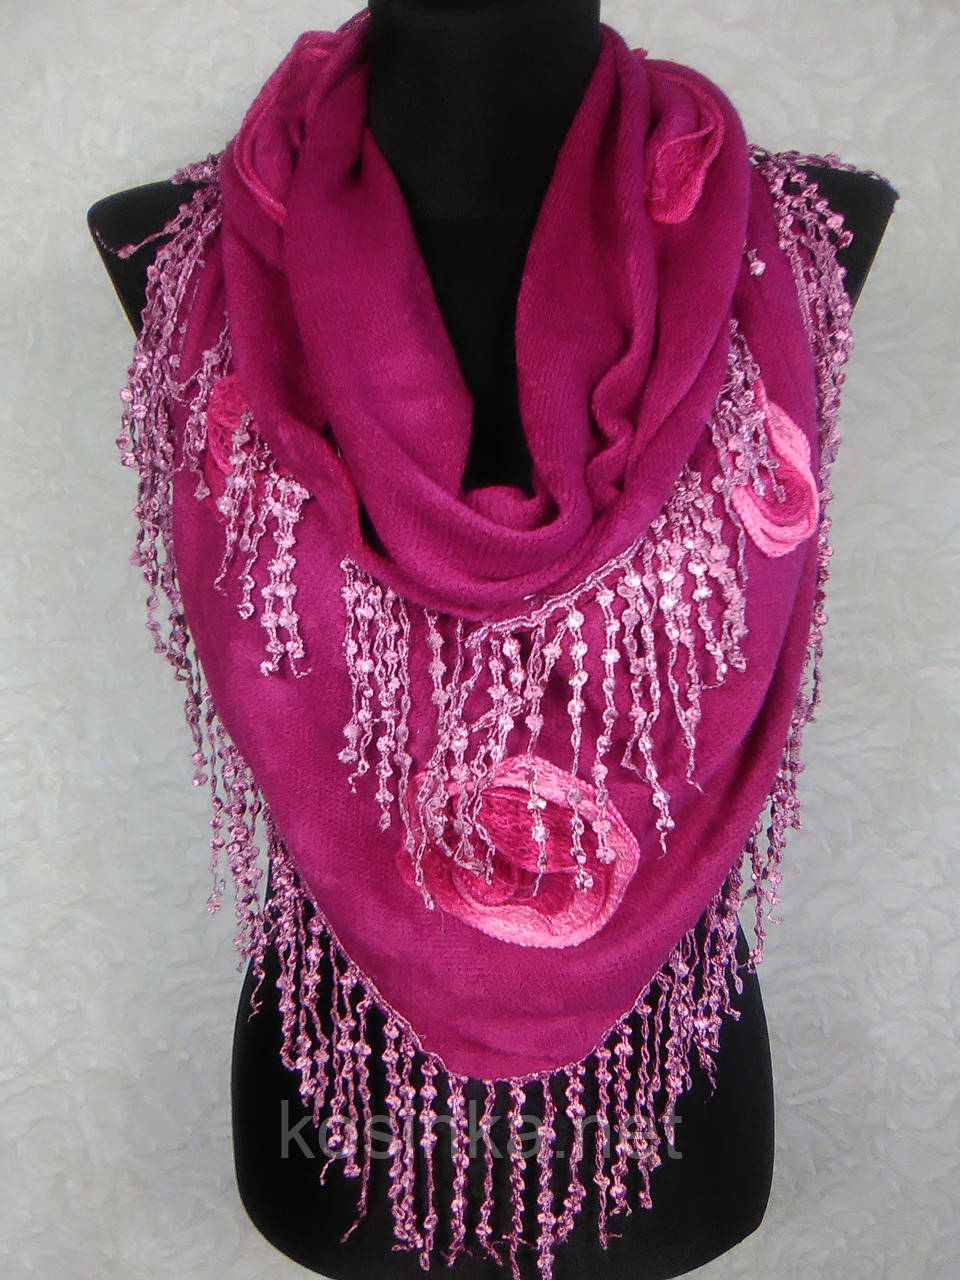 Красочная женская теплая косынка «Ракушка» малинового цвета с цветами из ткани и бахромой - Kosinka.net